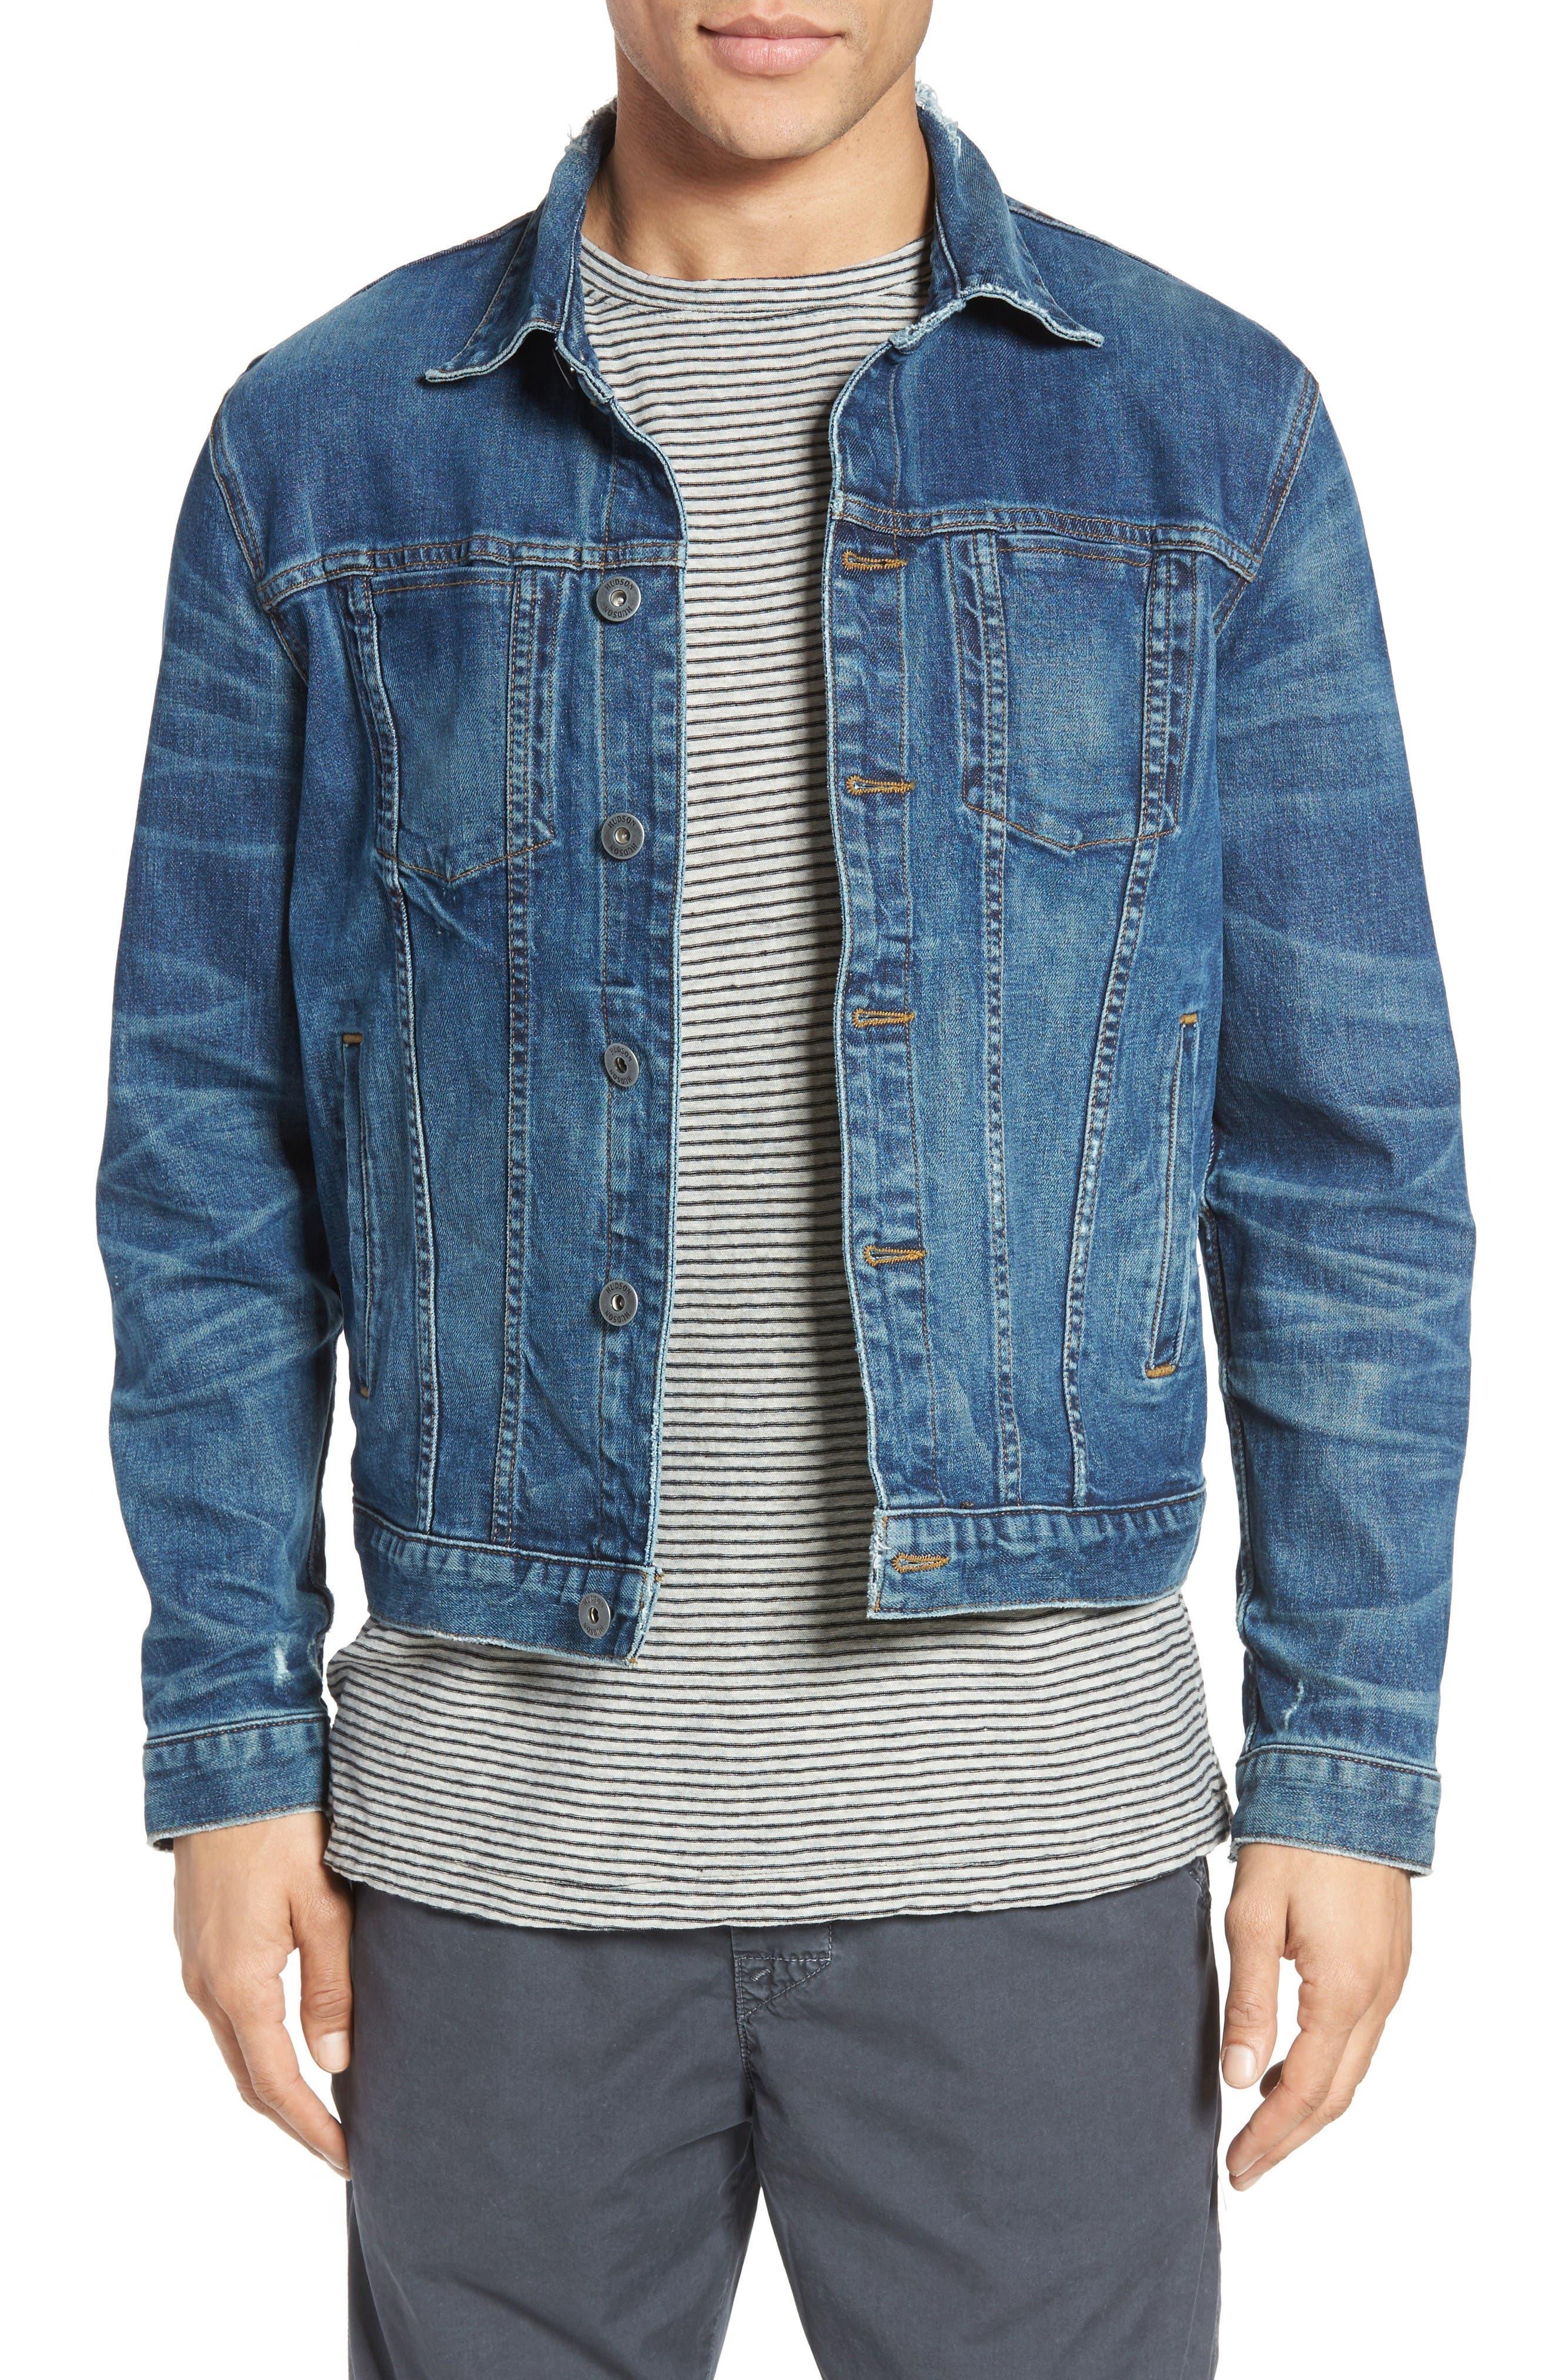 Alternate Image 1 Selected - Hudson Jeans Broc Denim Jacket